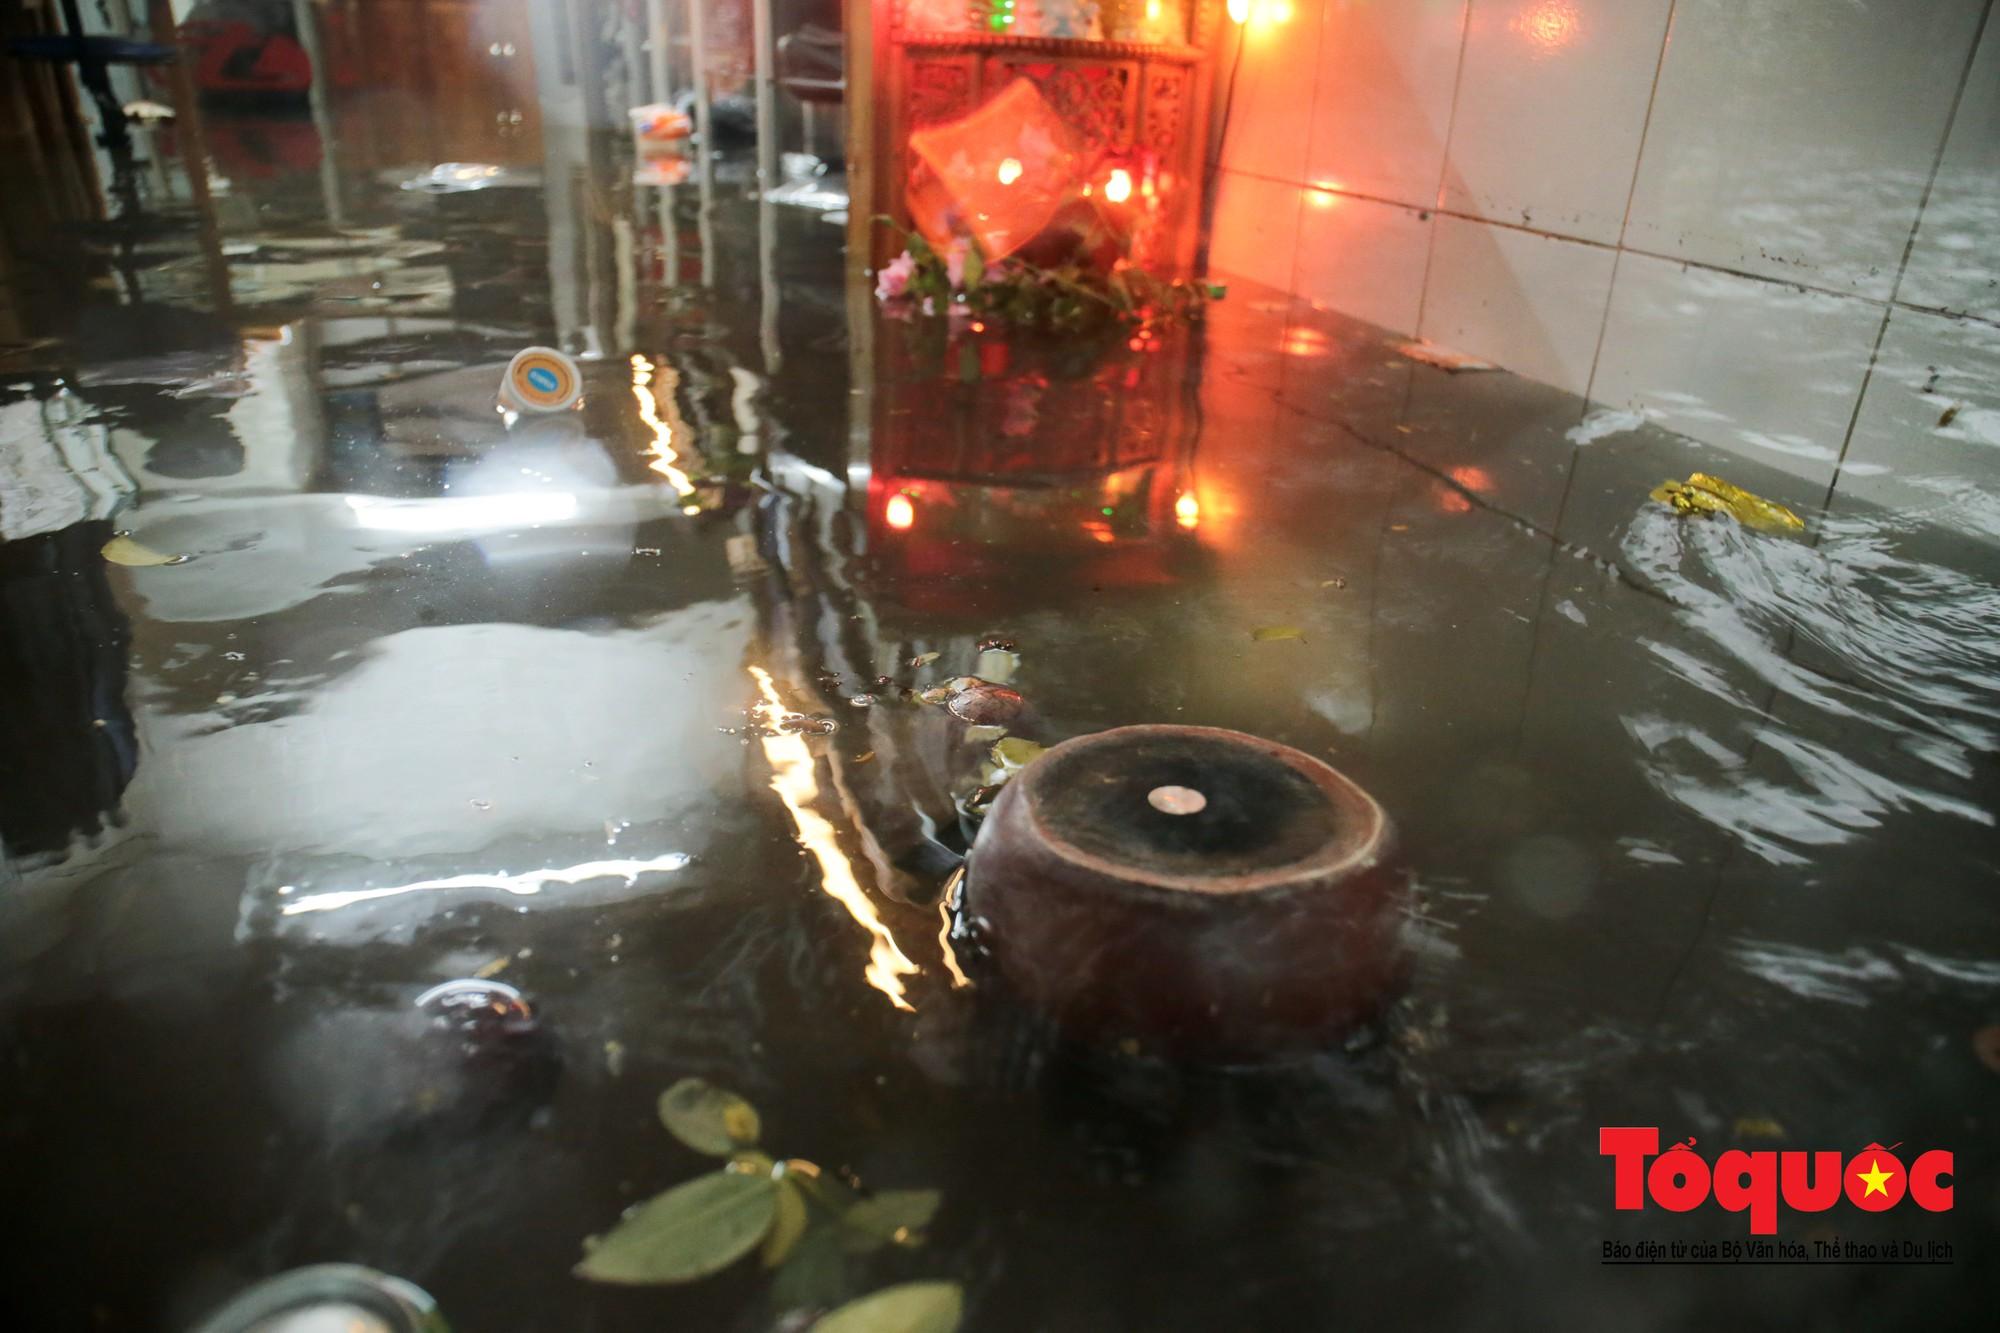 Hà Nội mưa lớn bất ngờ, nhiều tuyến đường lại ngập trong sâu biển nước34